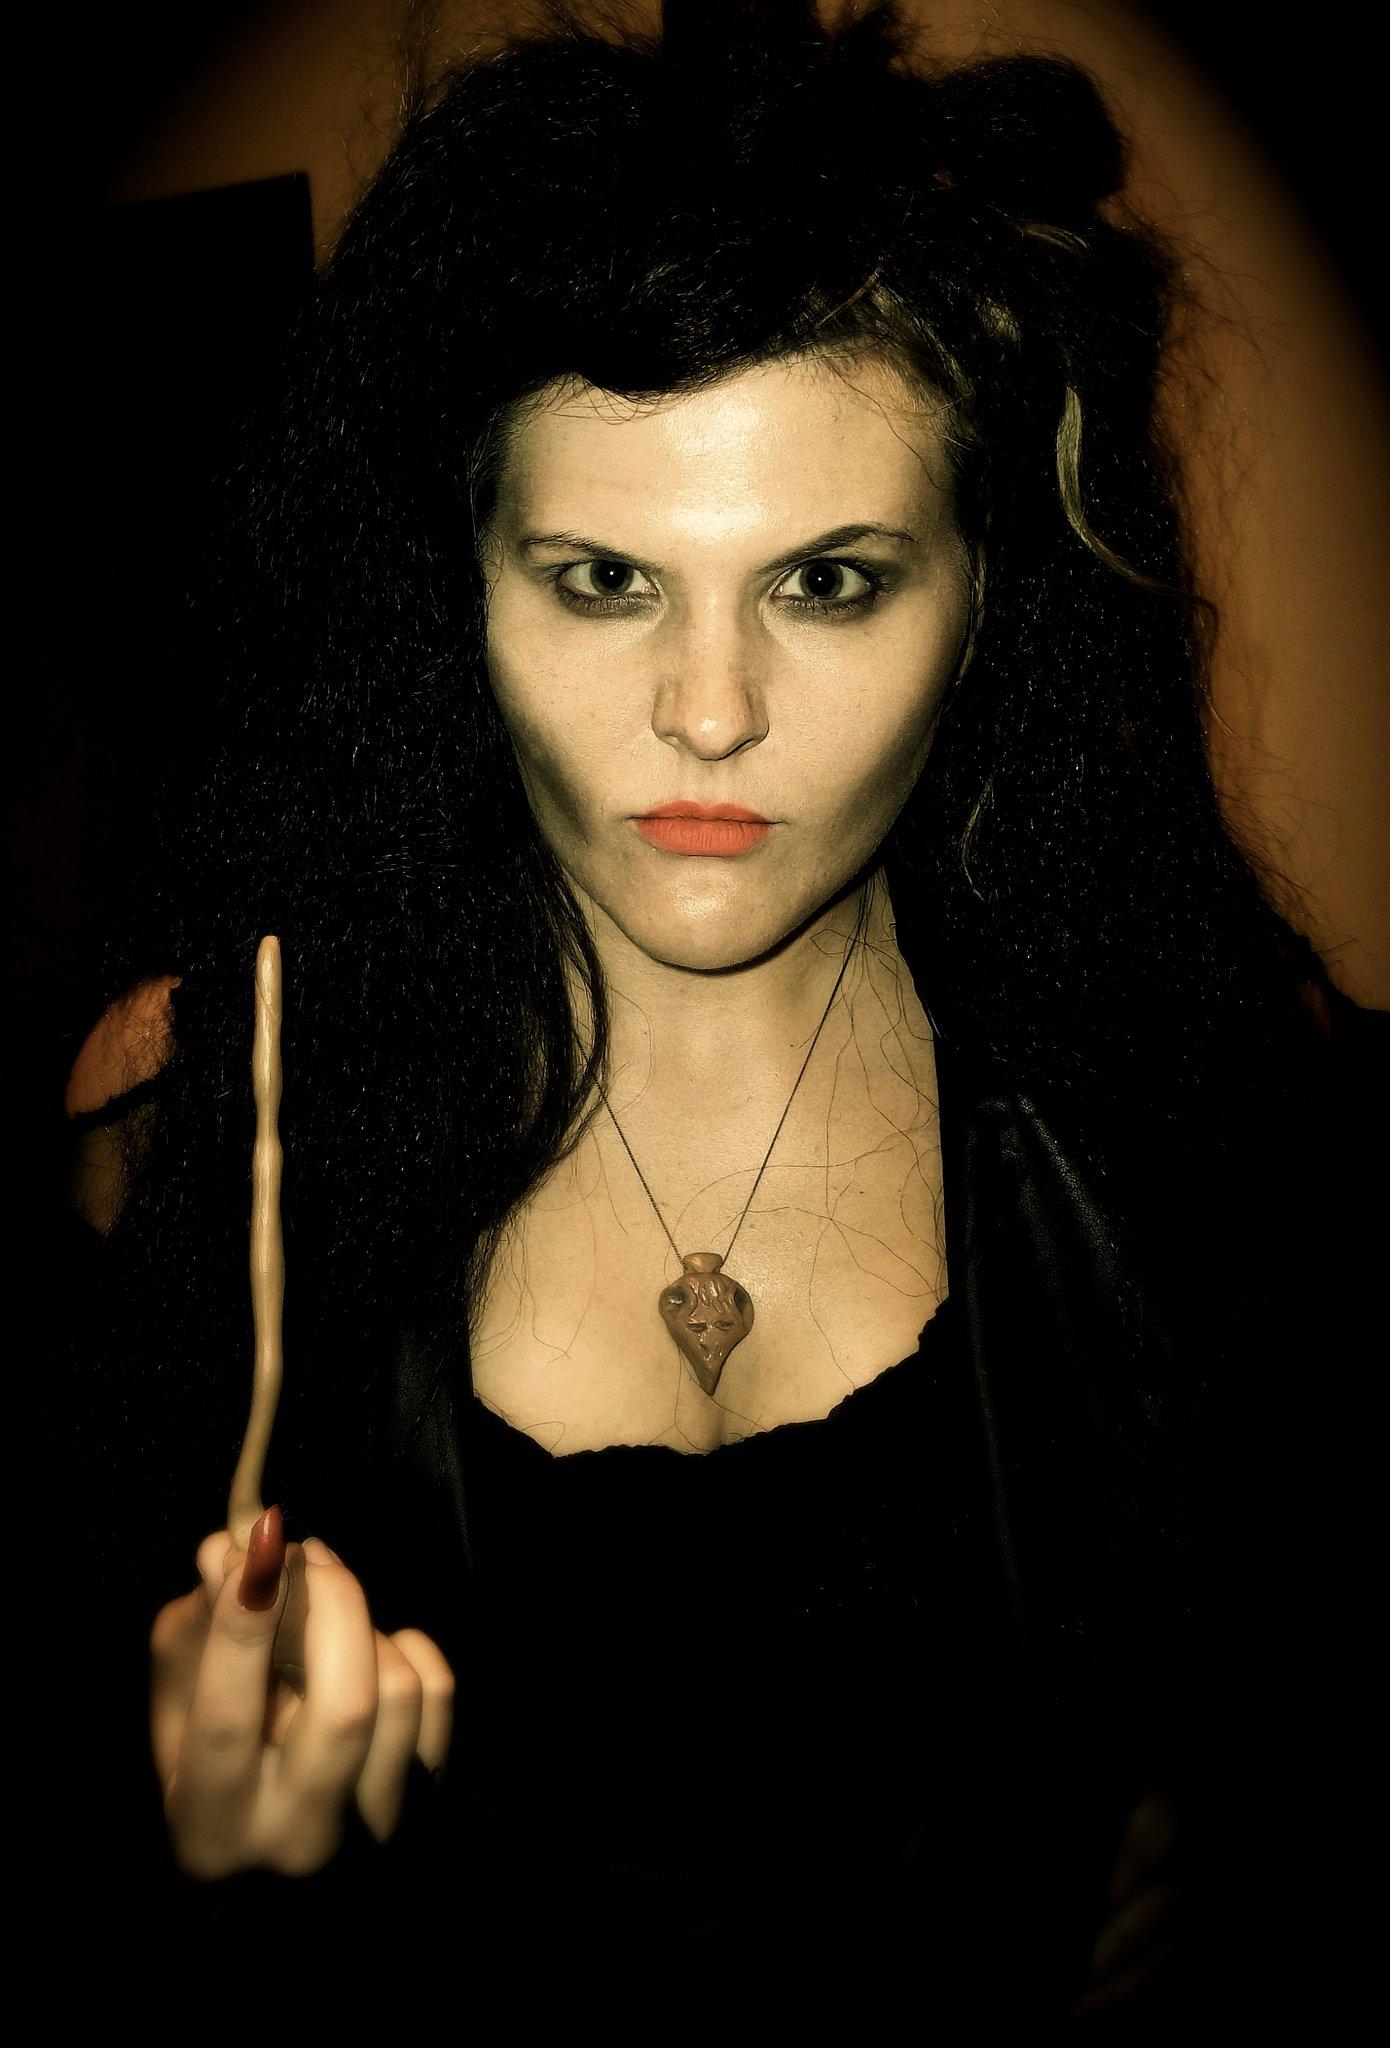 bellatrix lestrange makeup - HD1390×2048